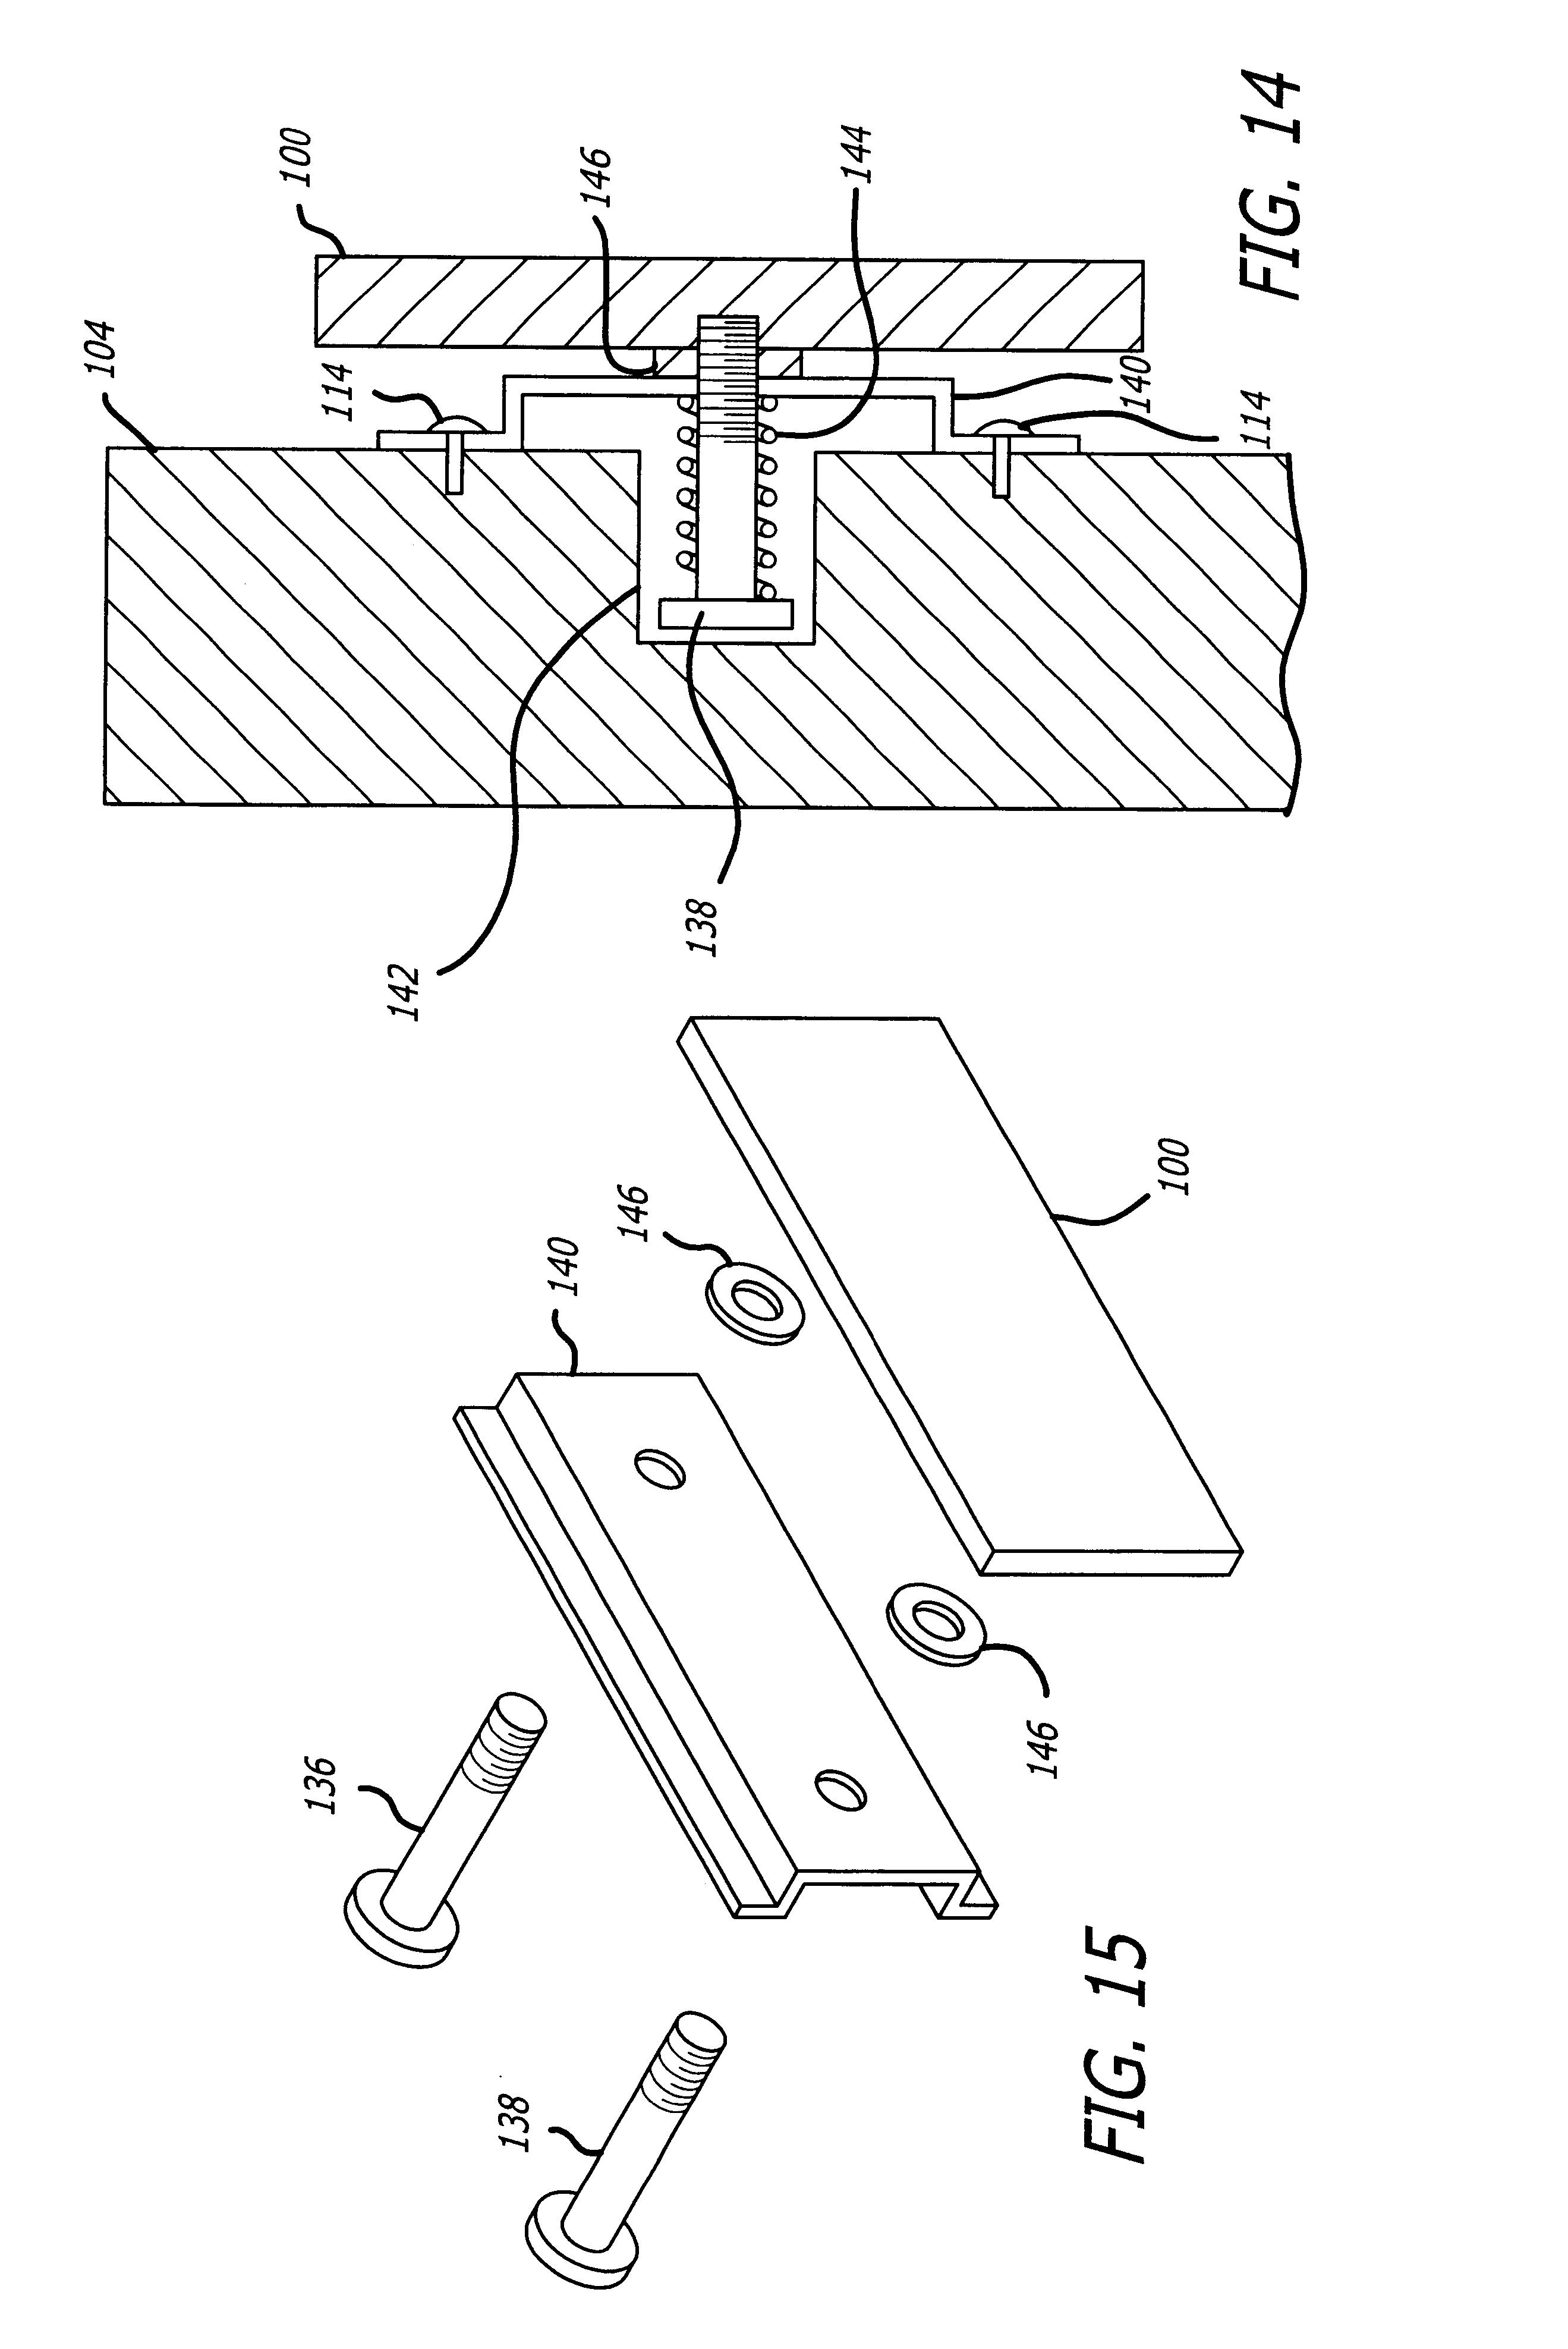 patent us6609738